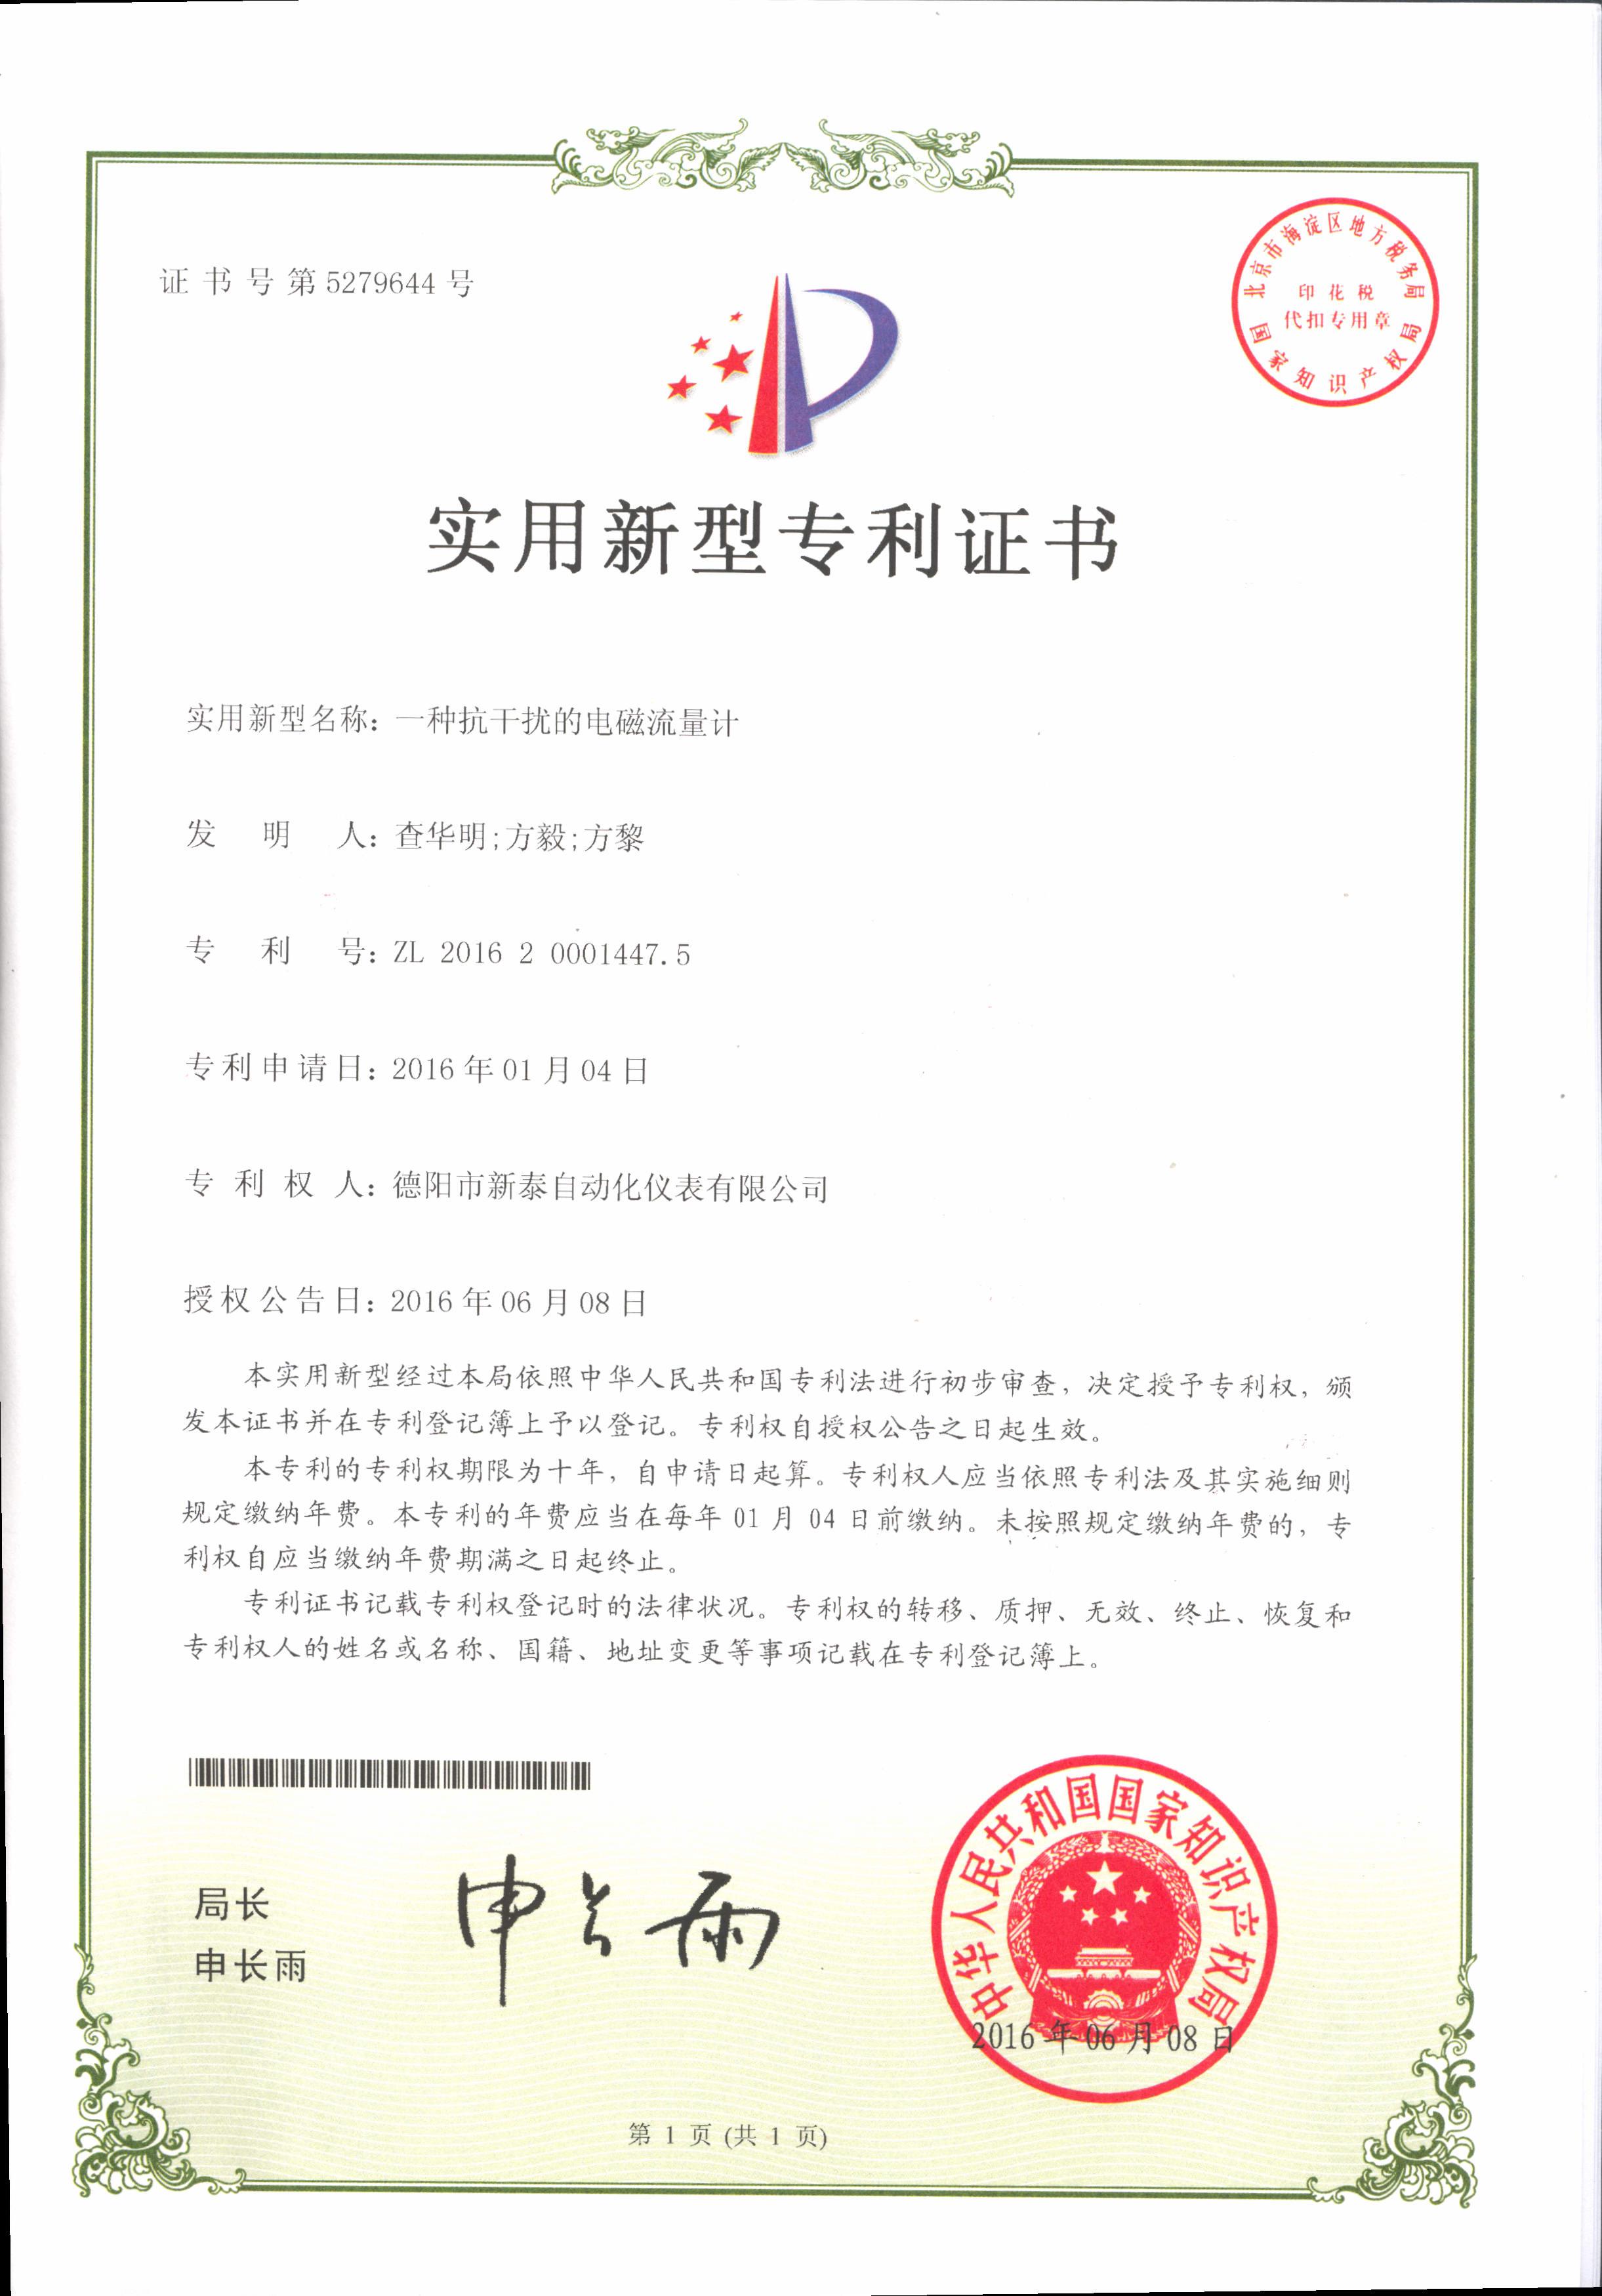 日本avapp下载专利证书--实用新型-一种抗干扰的电磁流量计